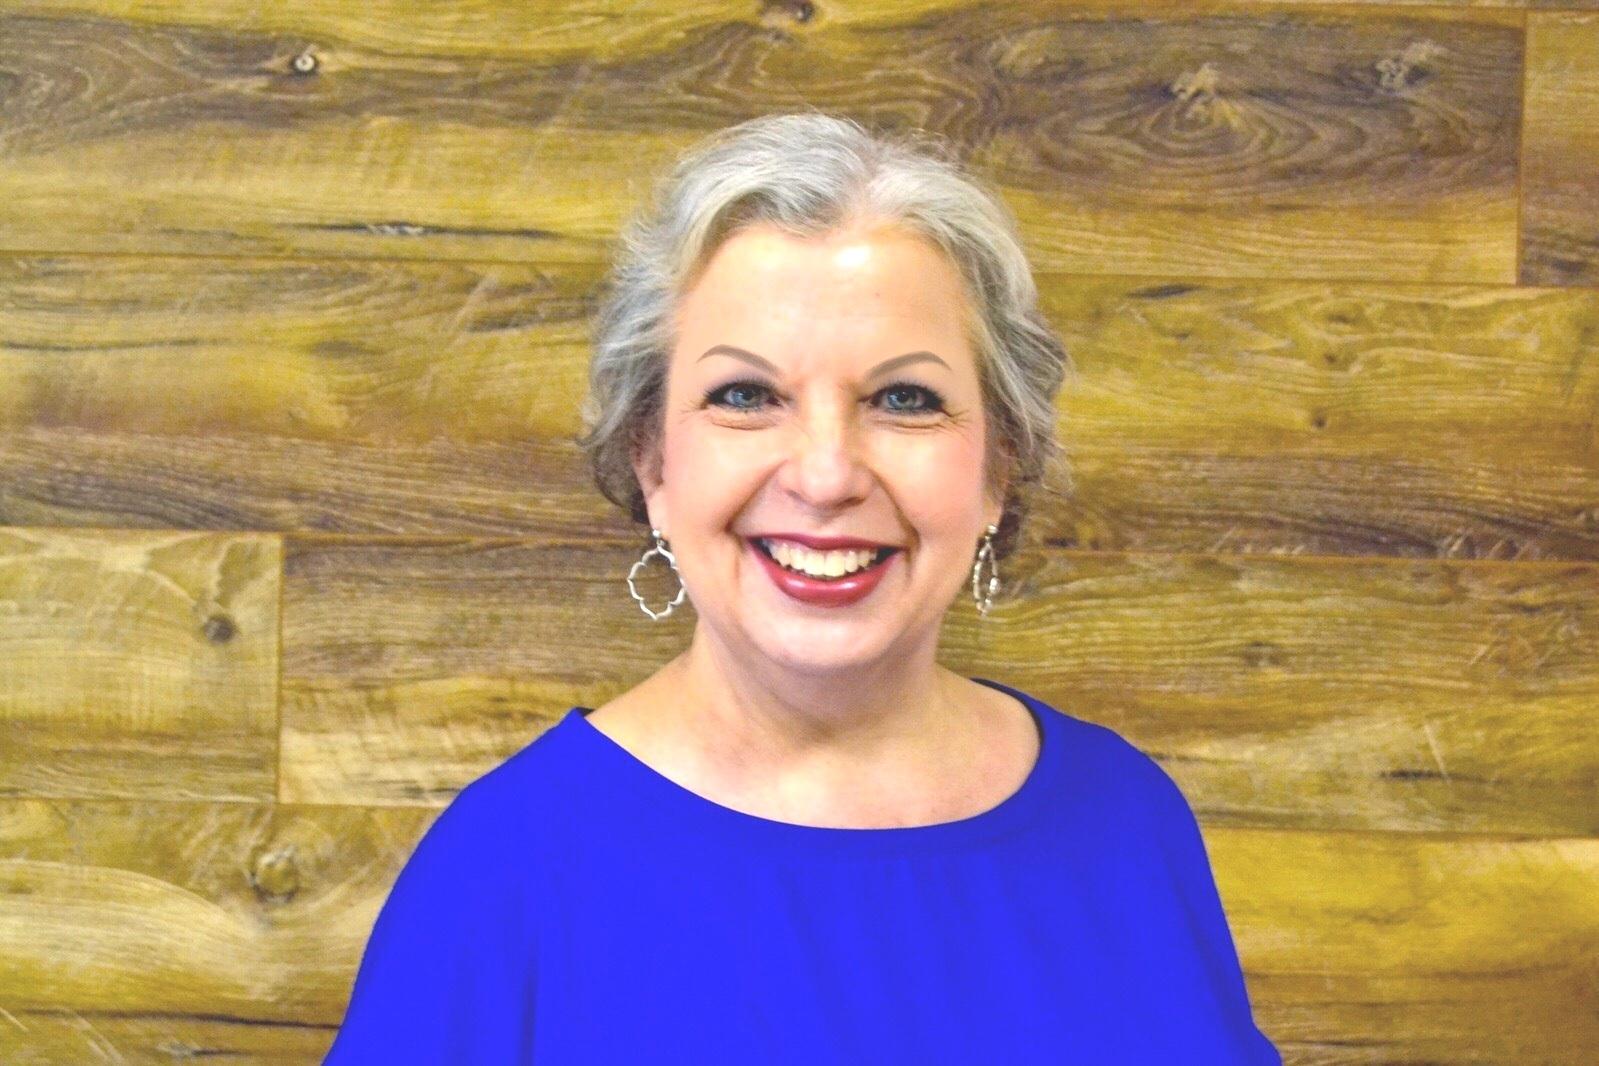 Ann Aguilar, Ministries Facilitator